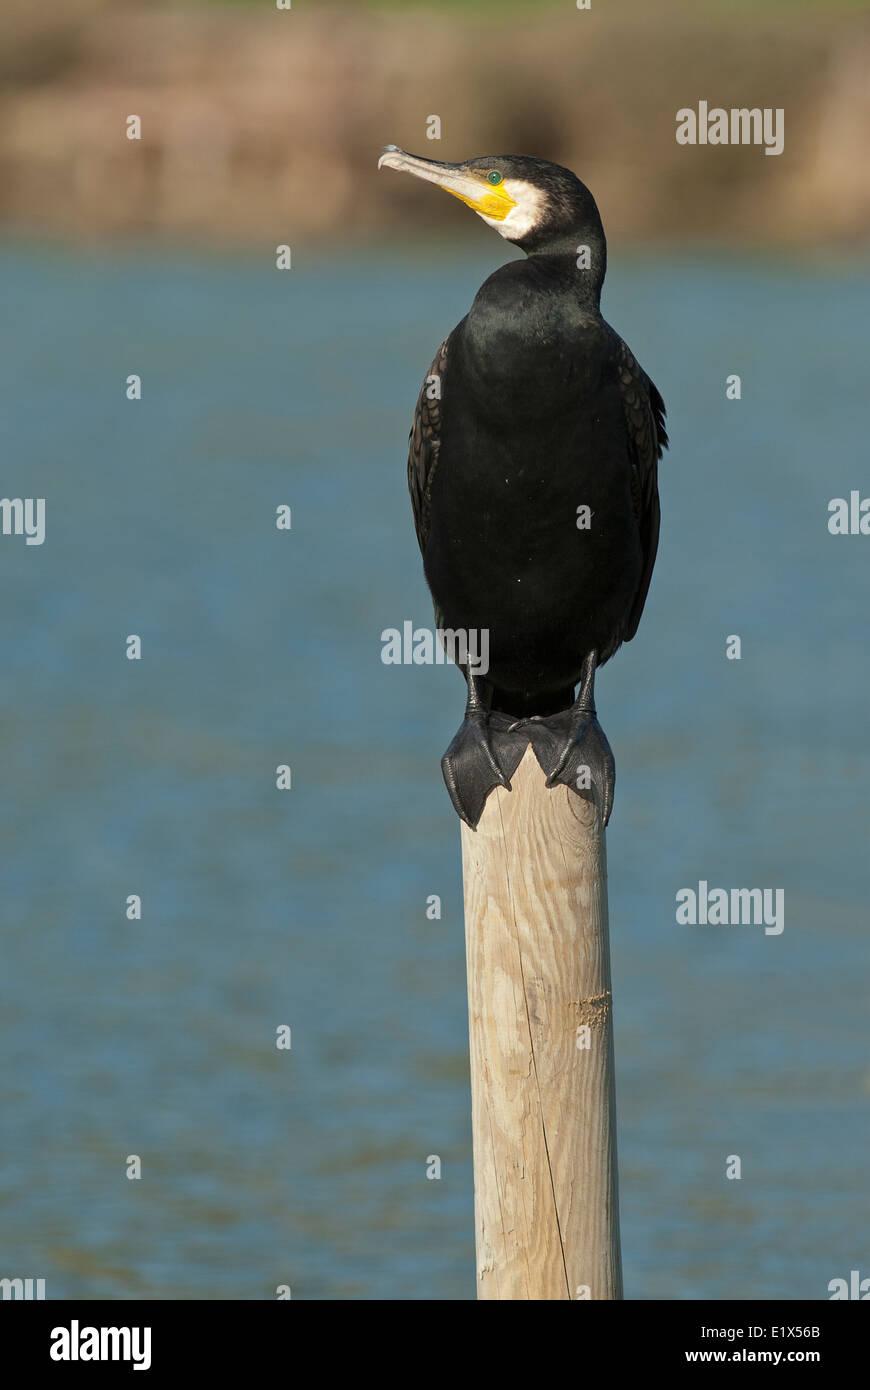 Cormorant, Phalacrocorax carbo, Castiglione della Pescaia, Tuscany, Italy - Stock Image